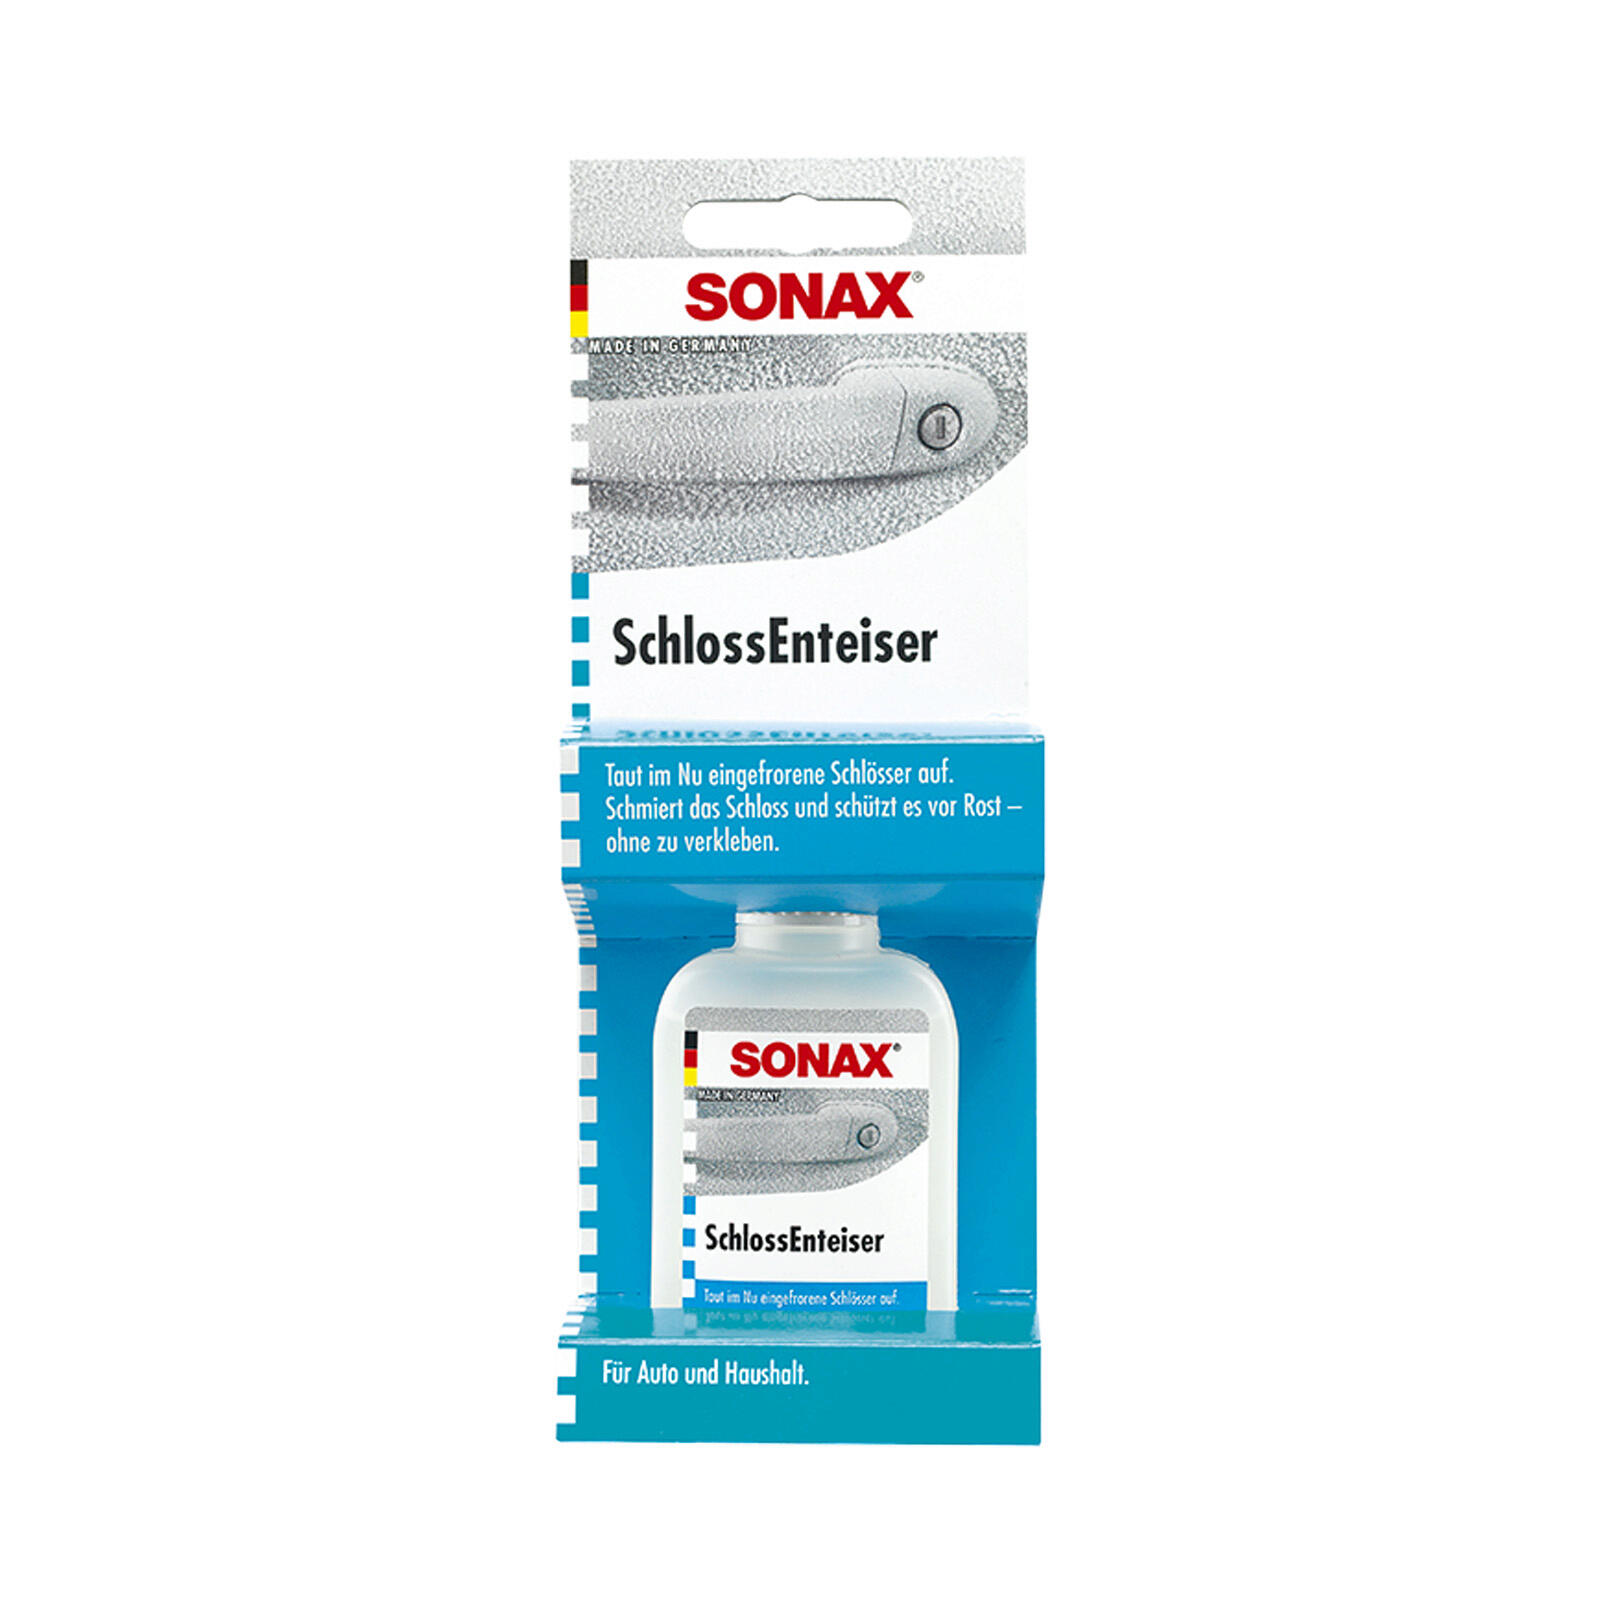 SONAX SchlossEnteiser 50ml